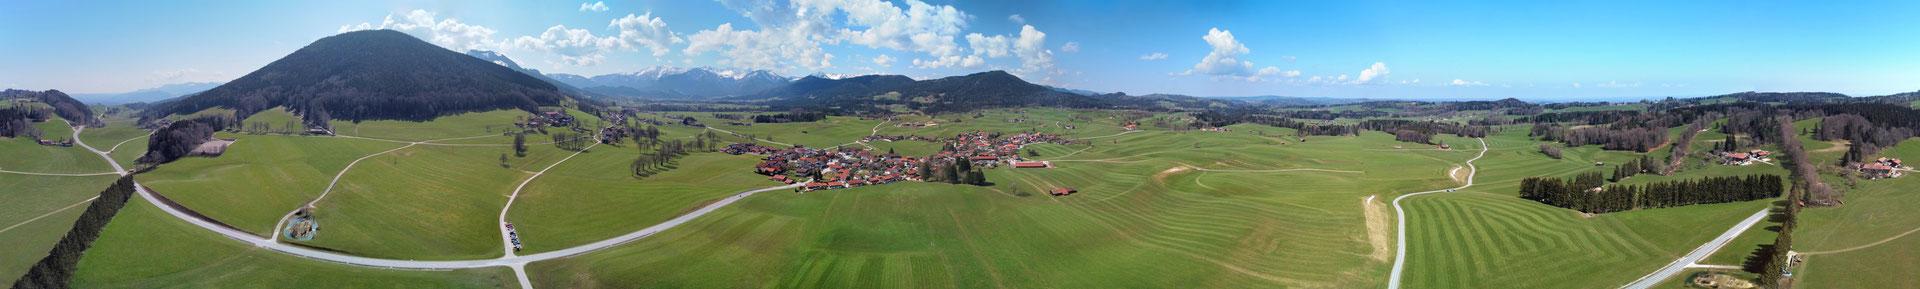 Panorama - Drohnenfoto - Landschaft - Bayern - Berge - Alpen - Winter - Ausflug - Wanderung - Chiemgau - Schwarzenberg - Hundham - 360 Grad